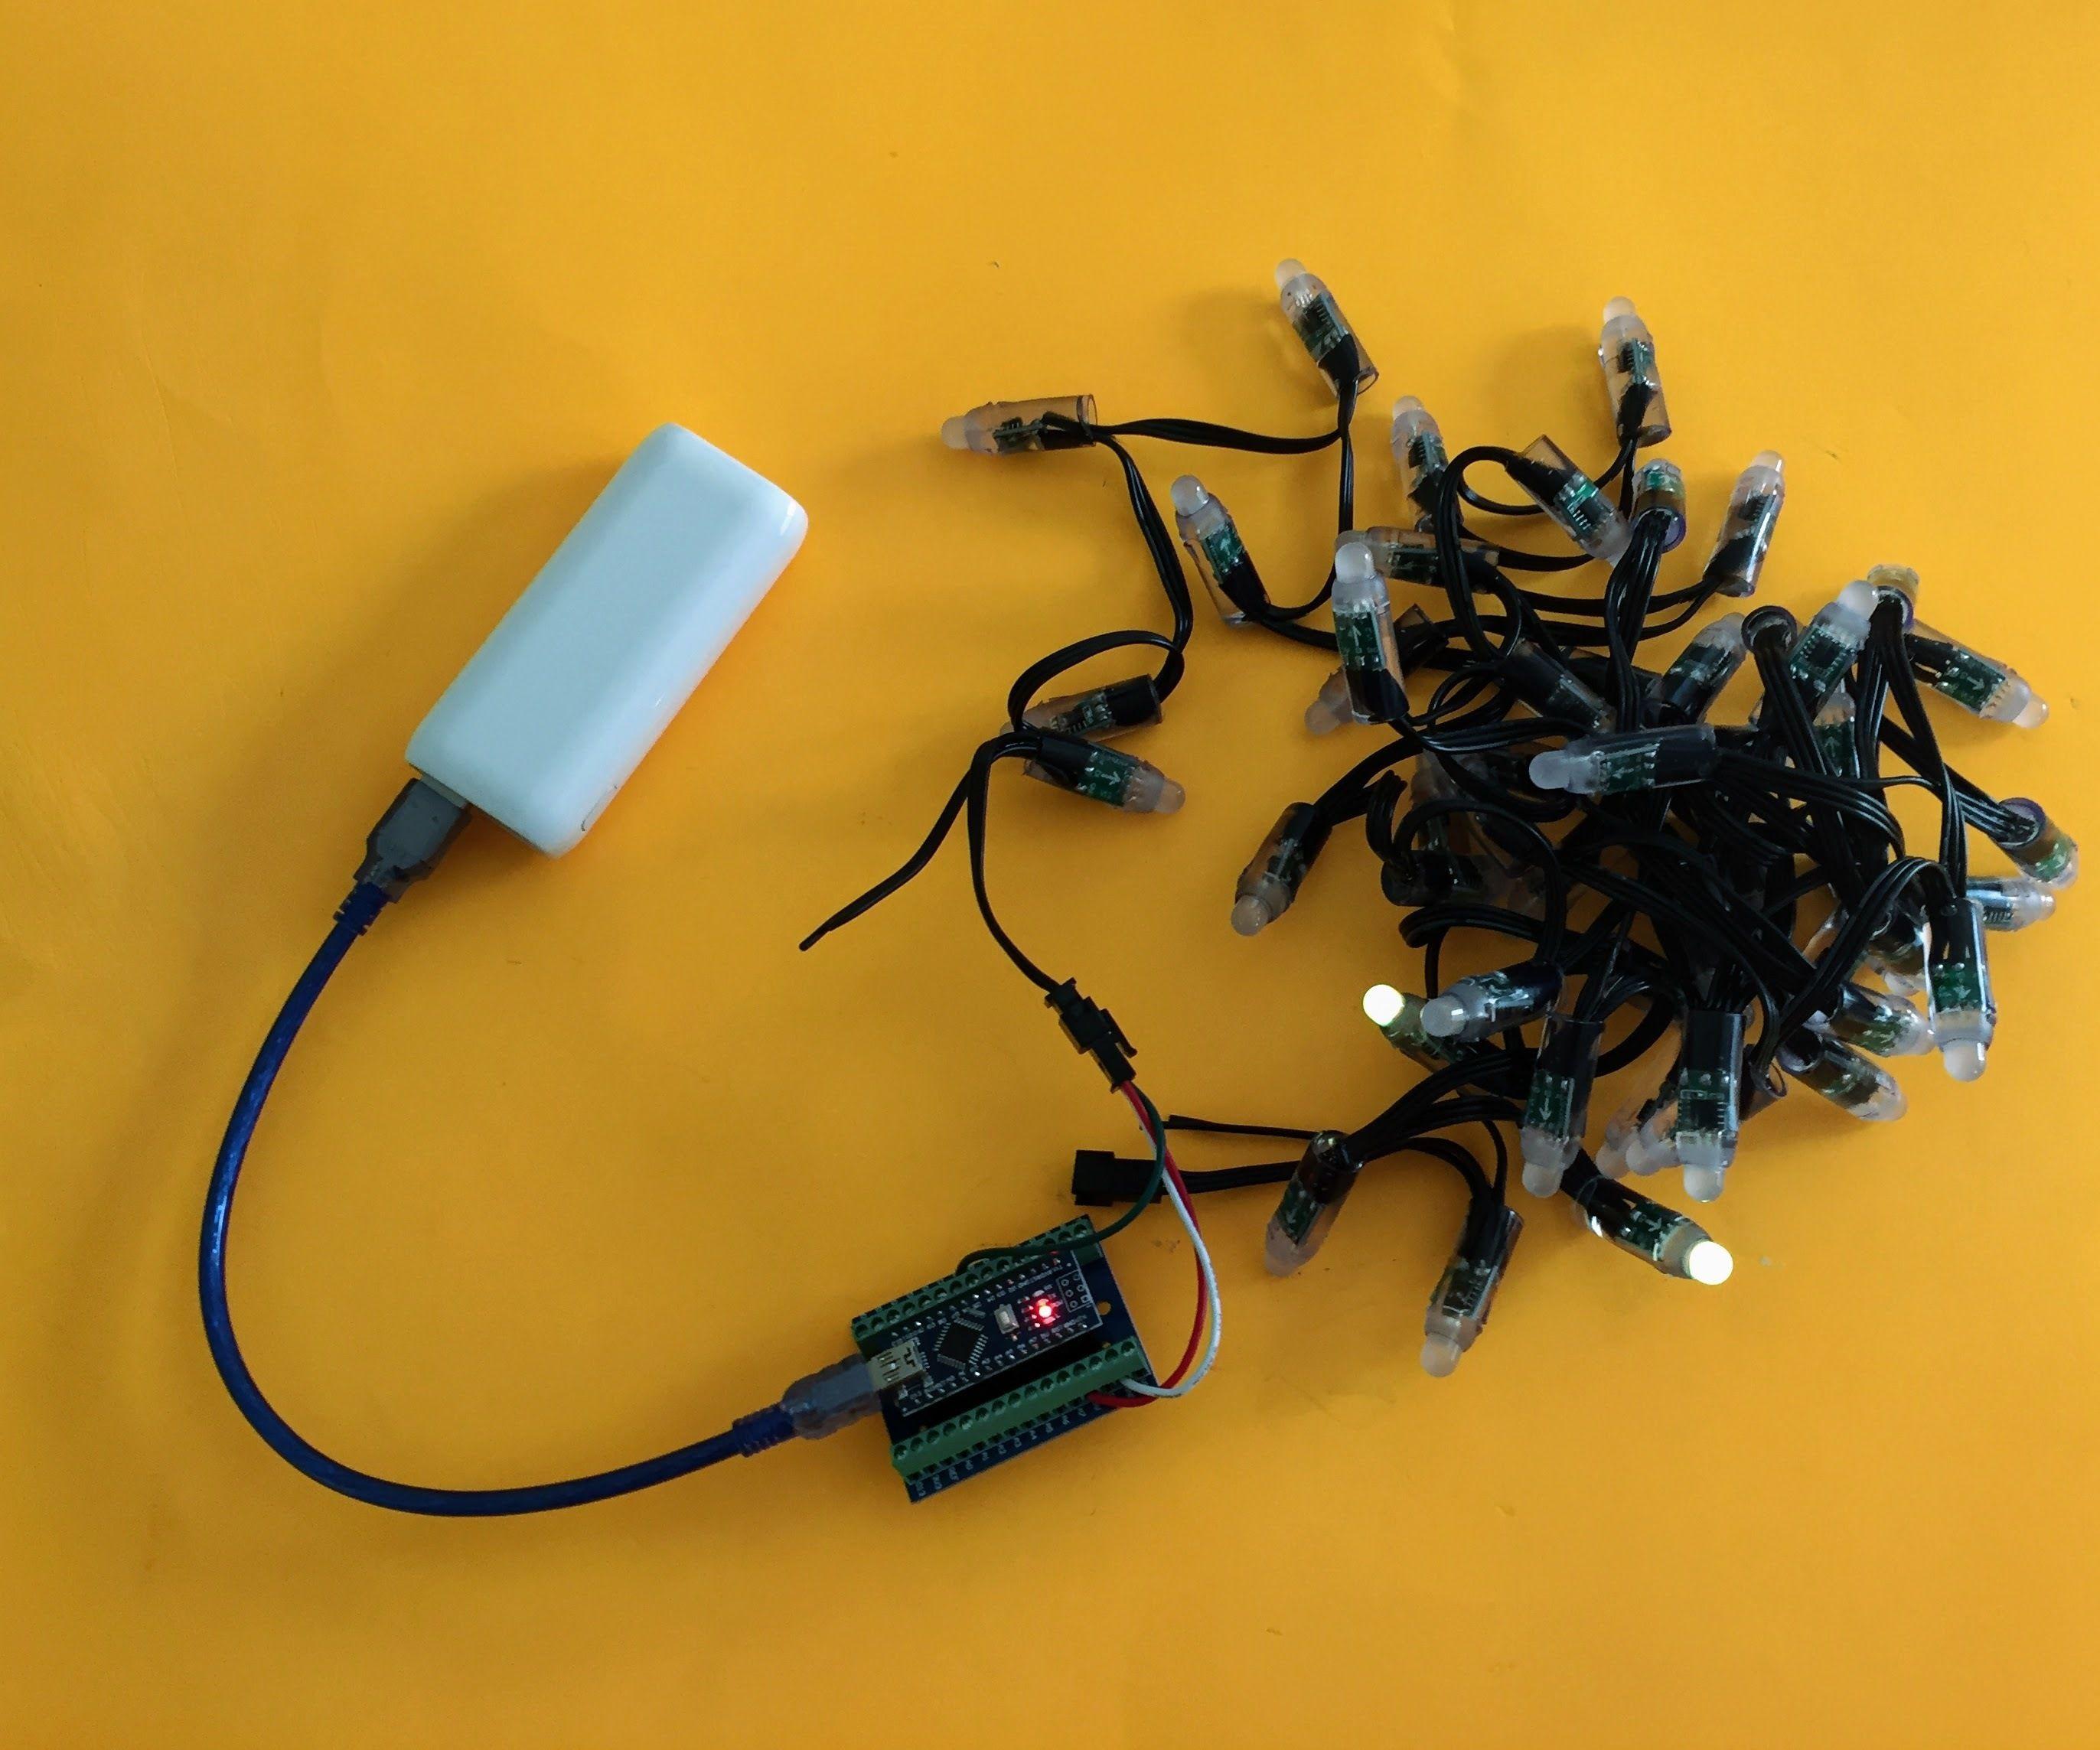 No-solder Fireflies / Lightning Bugs